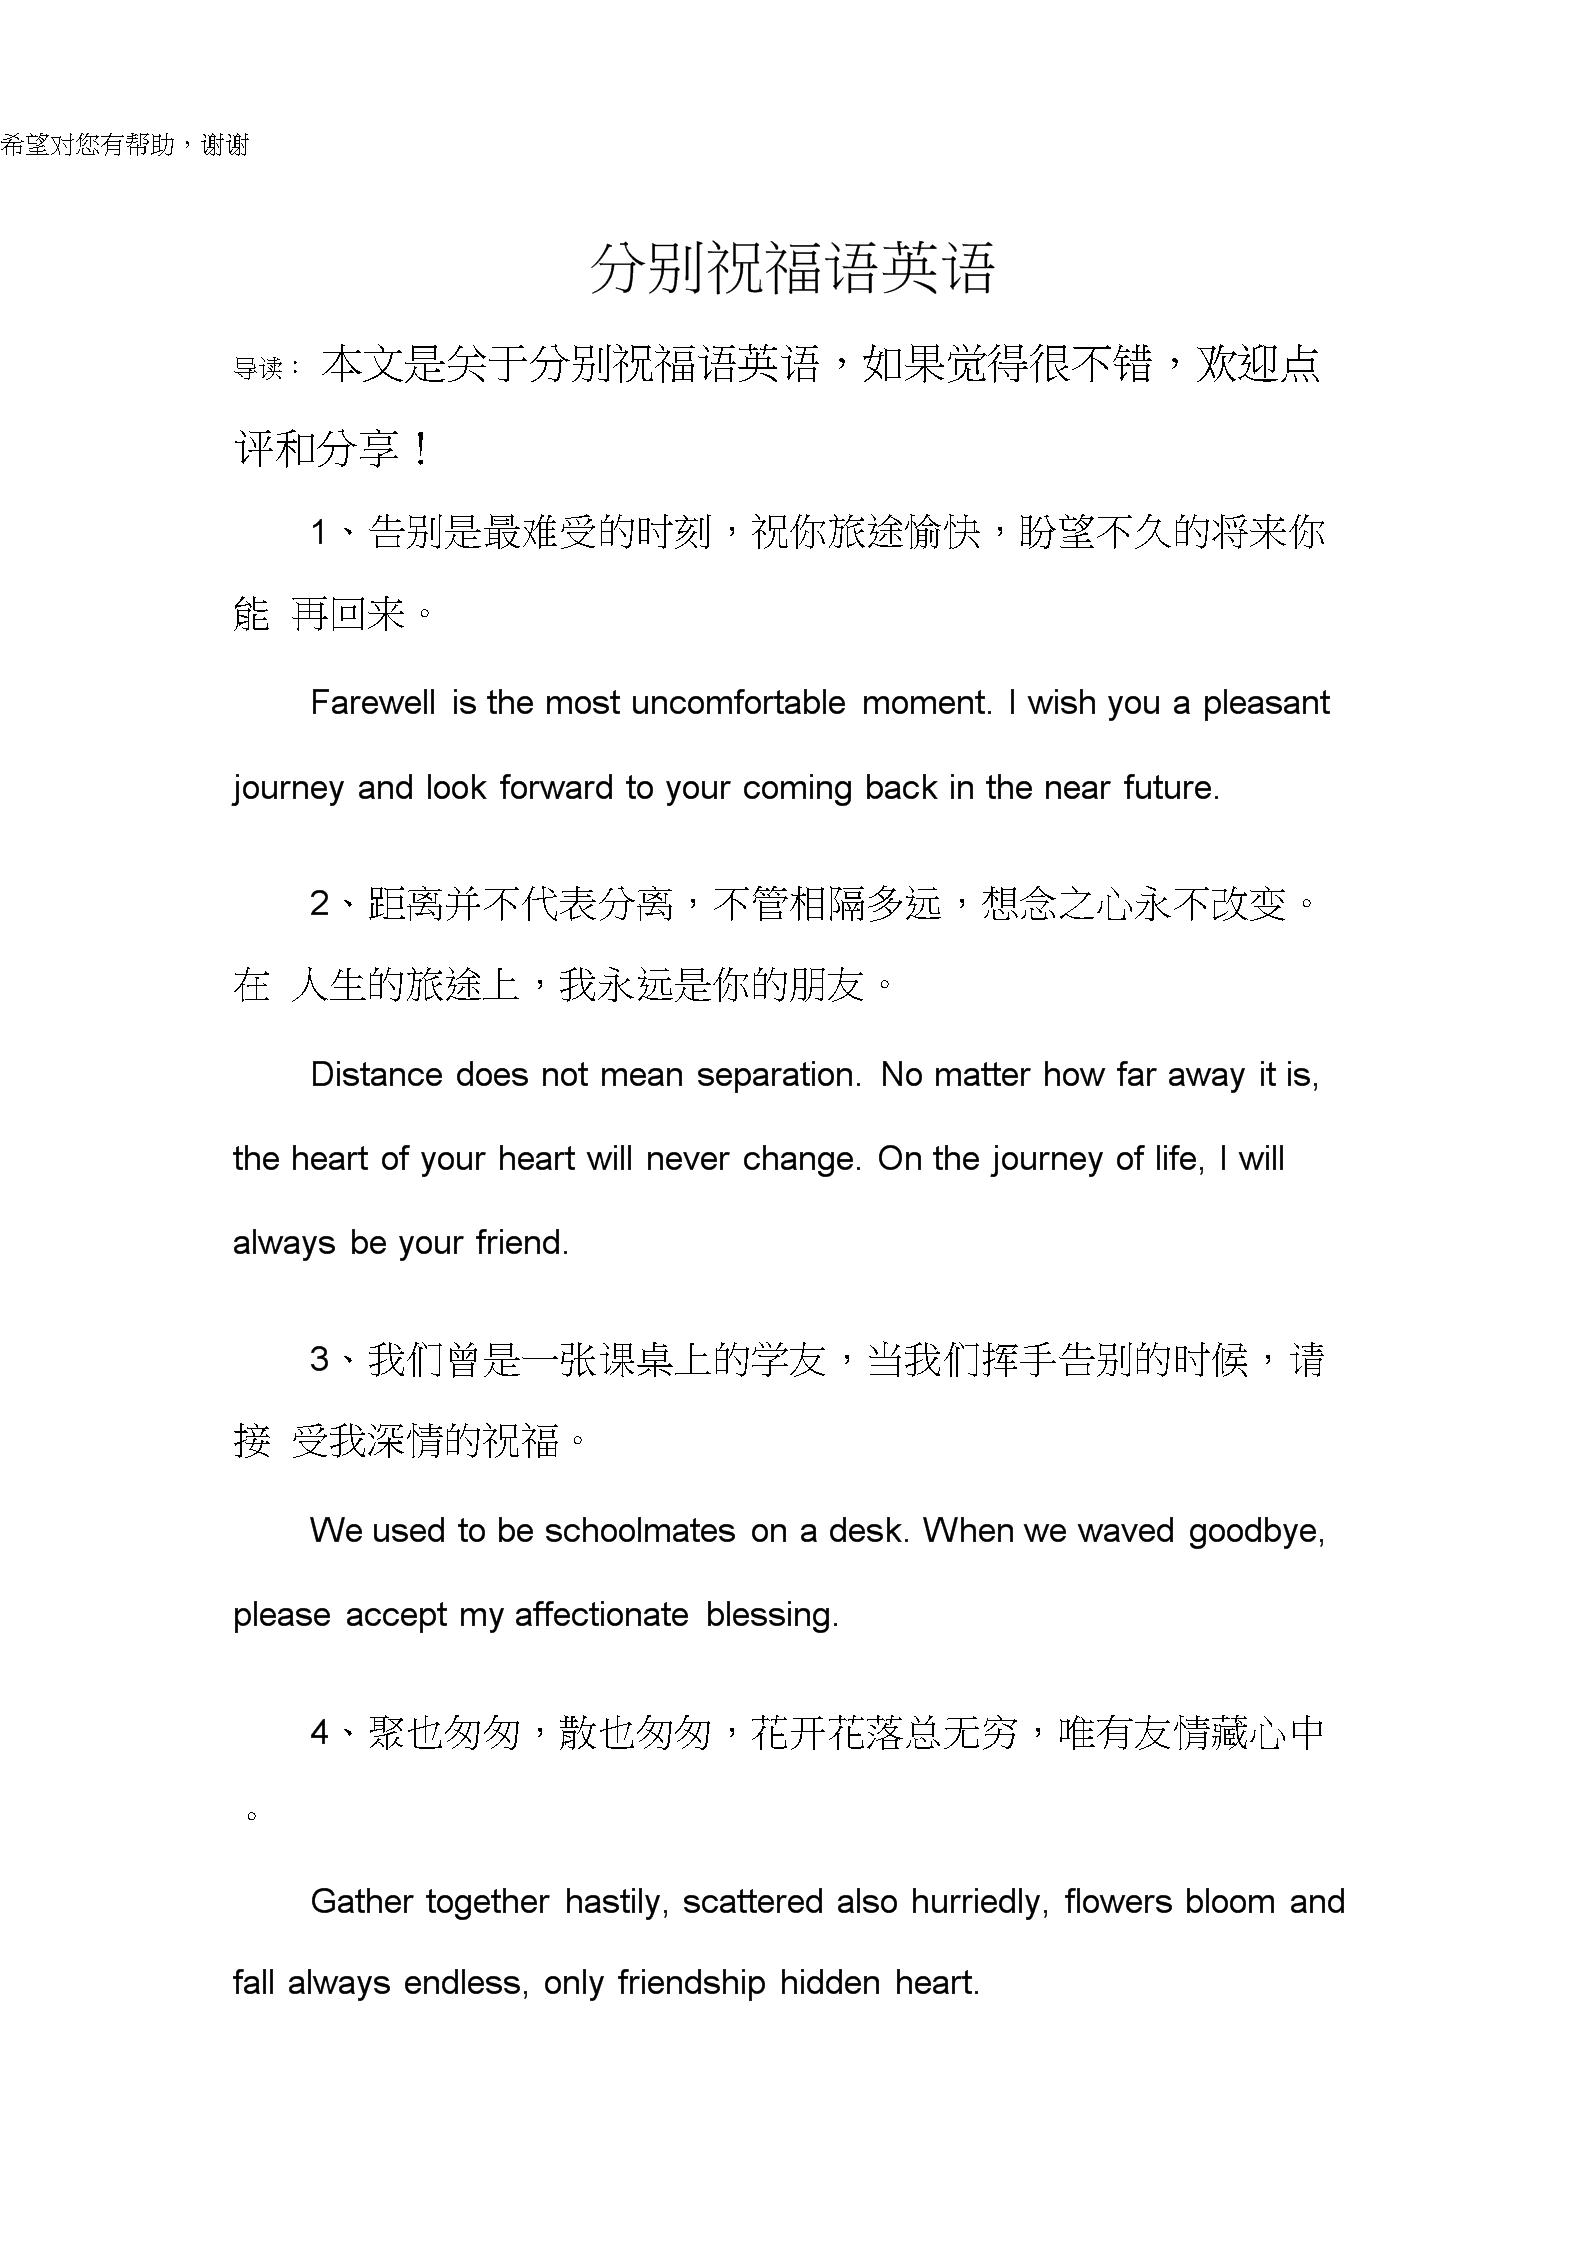 分别祝福语英语.docx